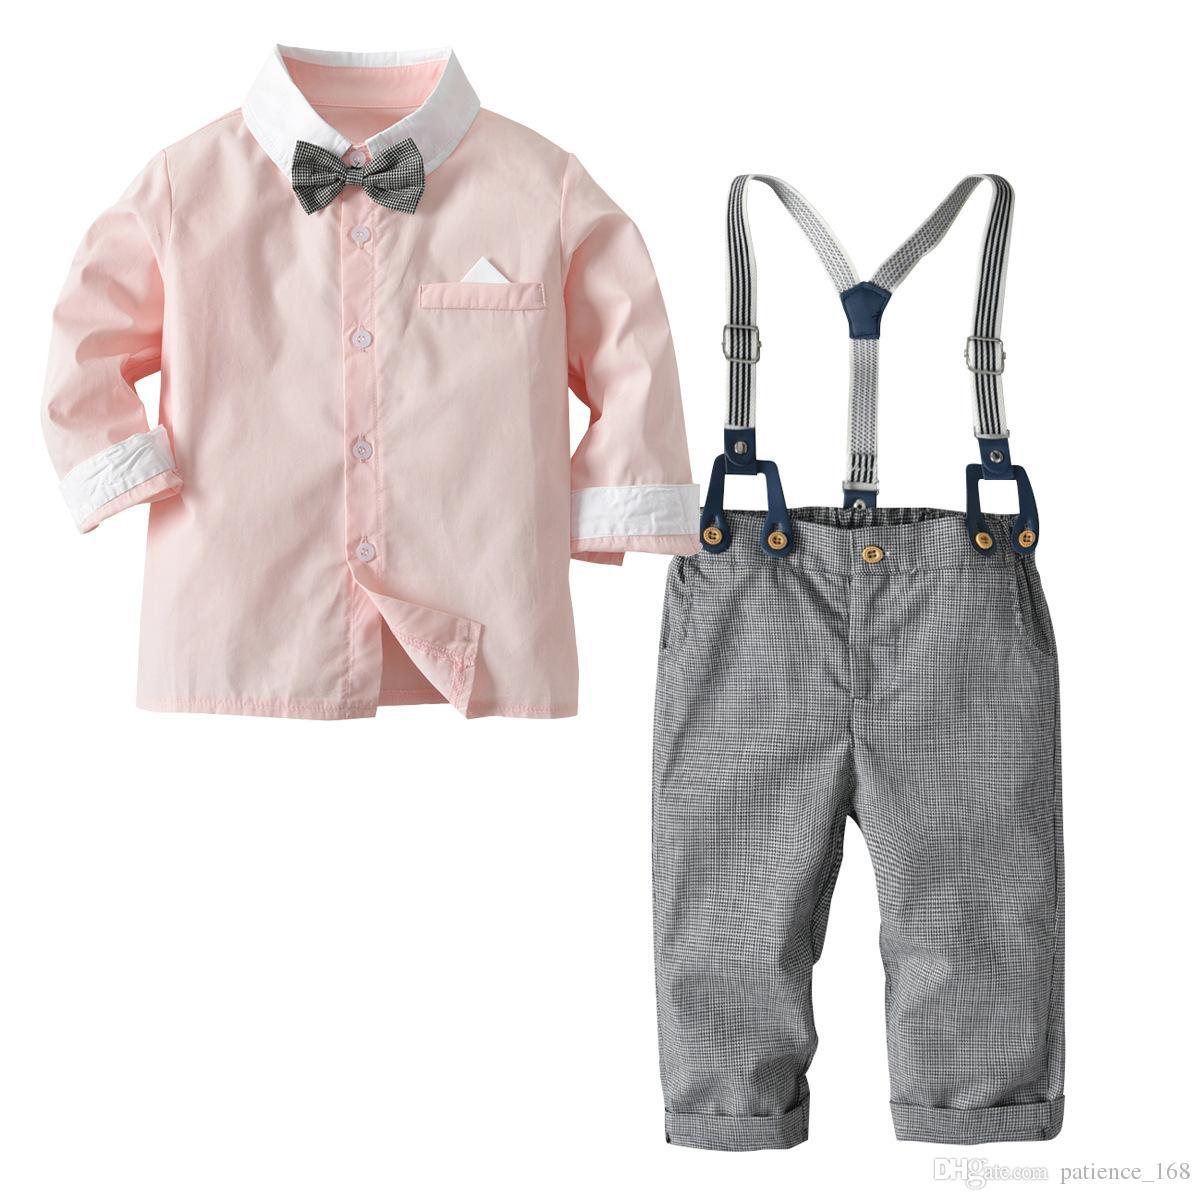 Conjuntos de niños 2018 Niños de bebé 4 piezas Conjuntos de algodón lindo rosa azul de manga larga camisa de corbata a cuadros + pantalones niños caballero Trajes de Navidad 2 colores